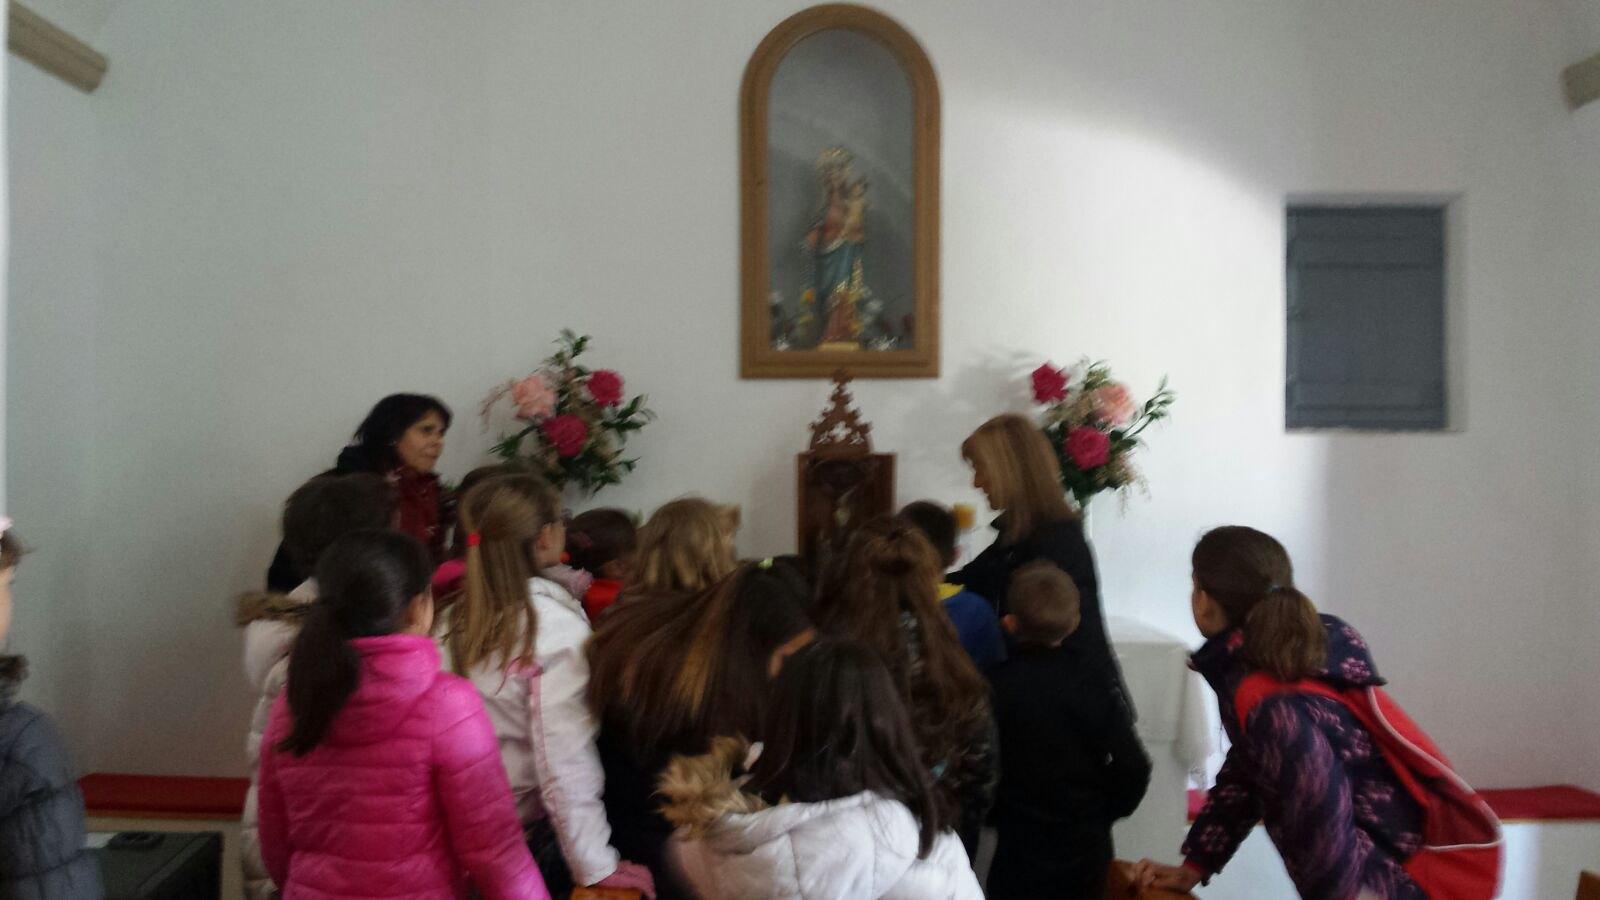 (2018-03-22) - Visita ermita alumnos Laura,3ºC, profesora religión Reina Sofia - Marzo -  María Isabel Berenguer Brotons (09)